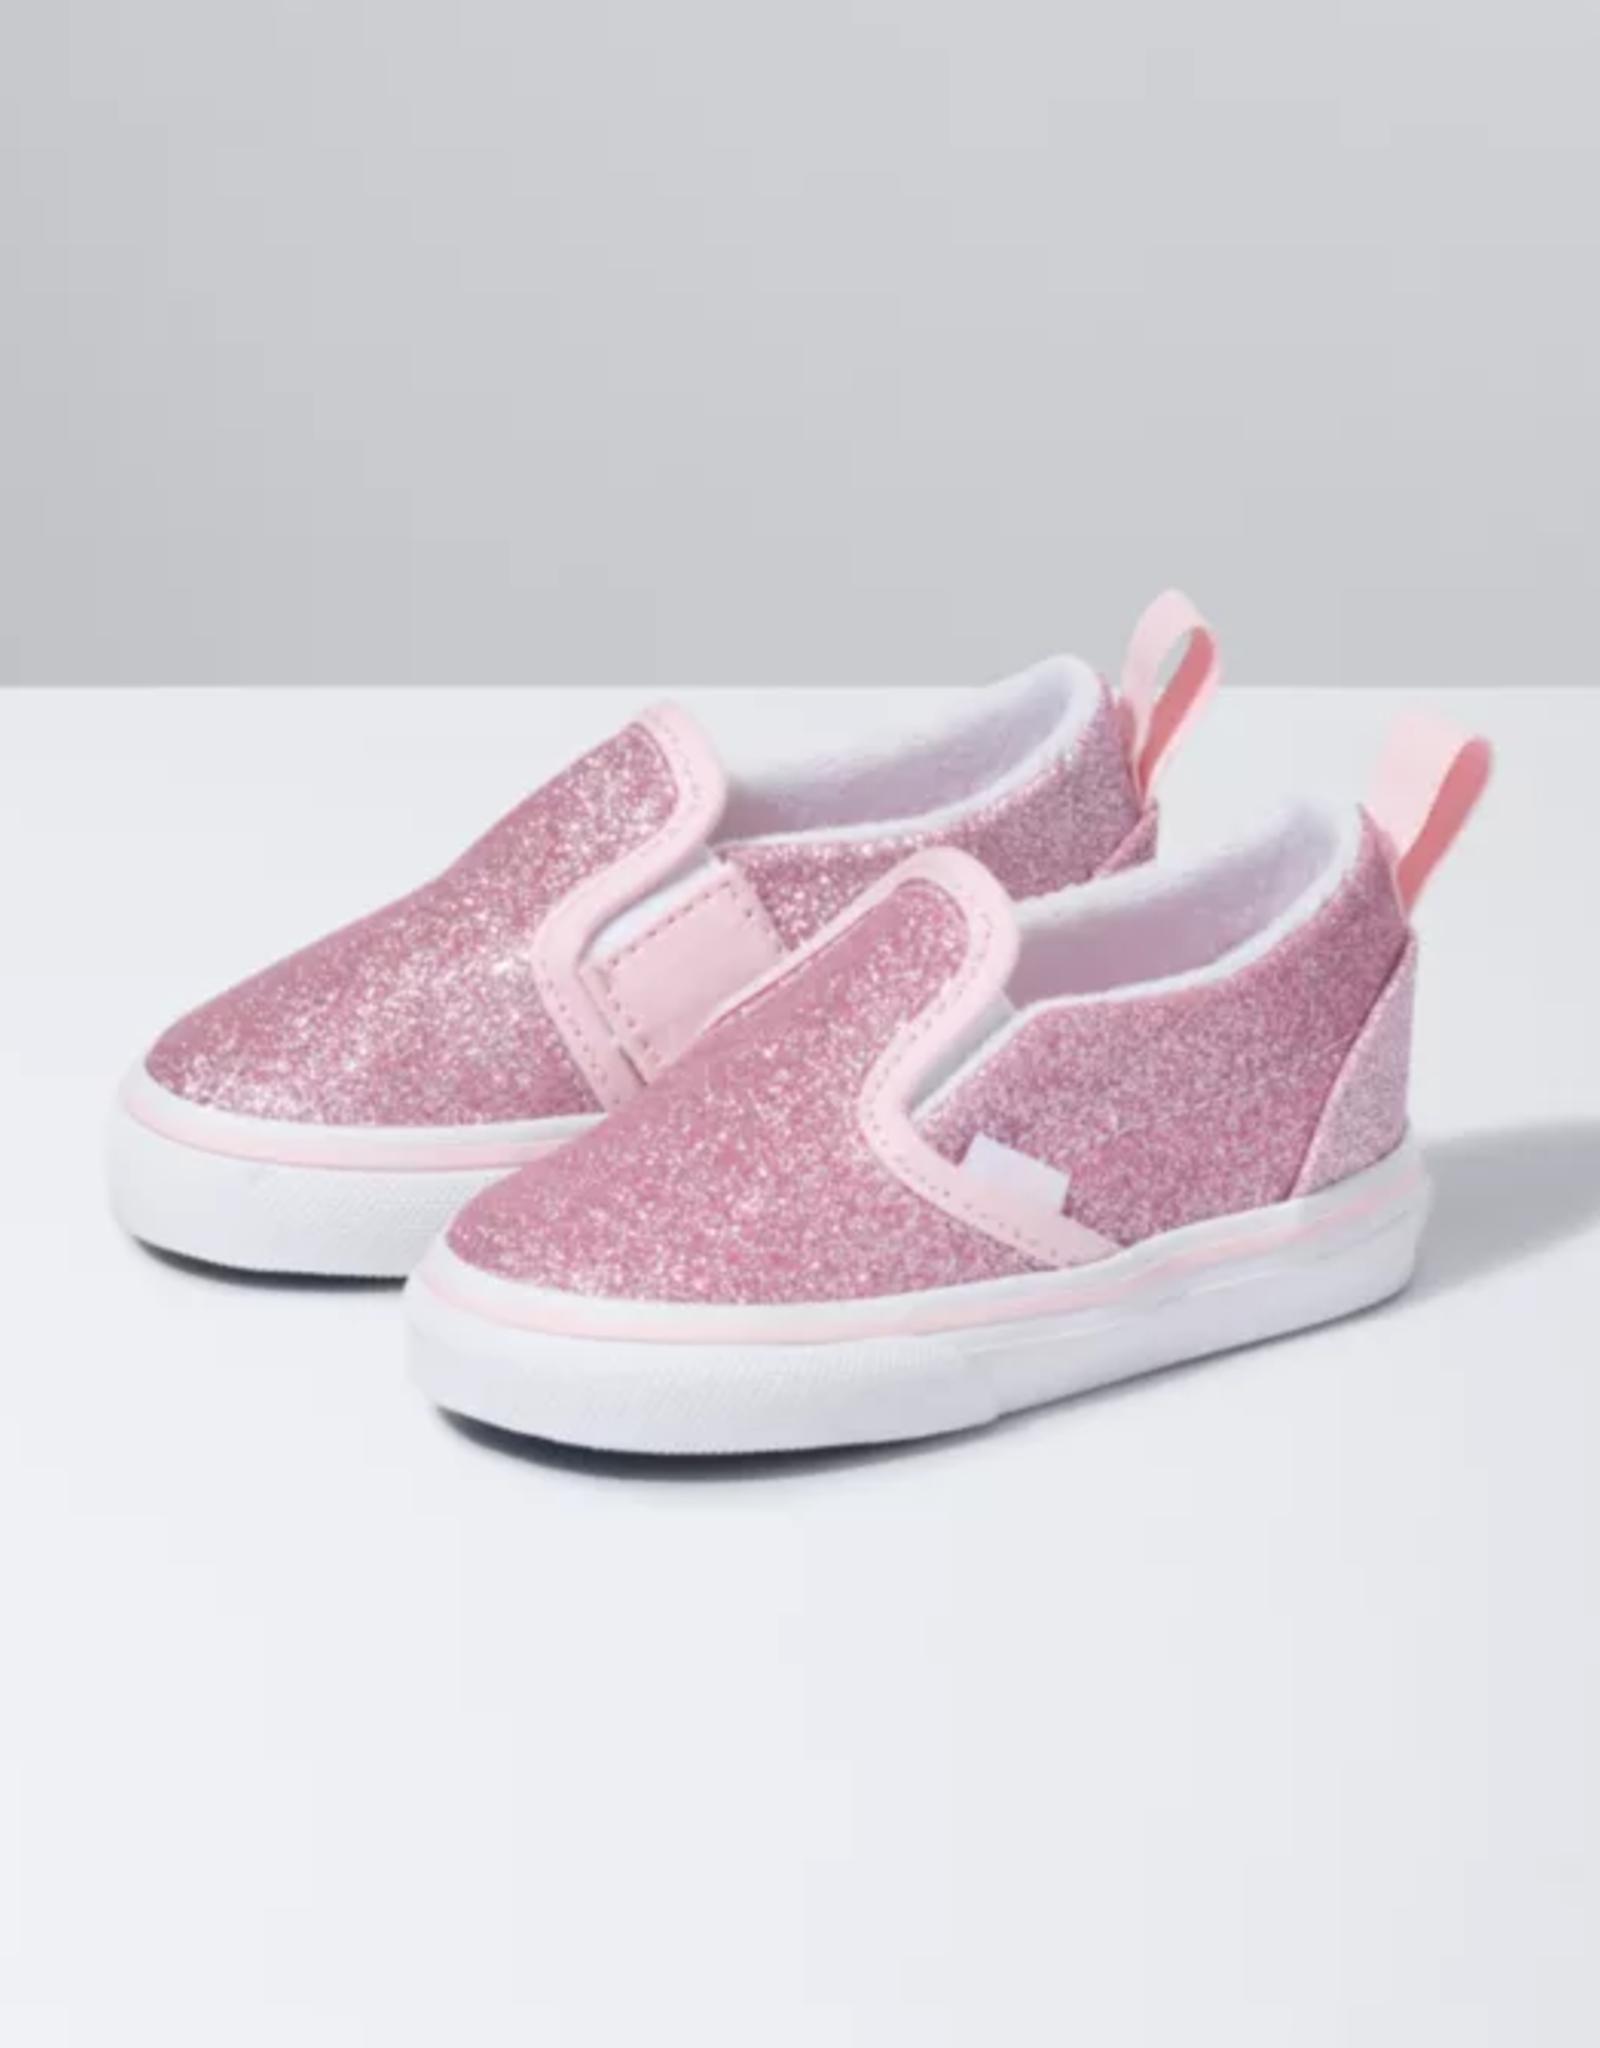 Vans Toddler Slip-On Pink Glitter